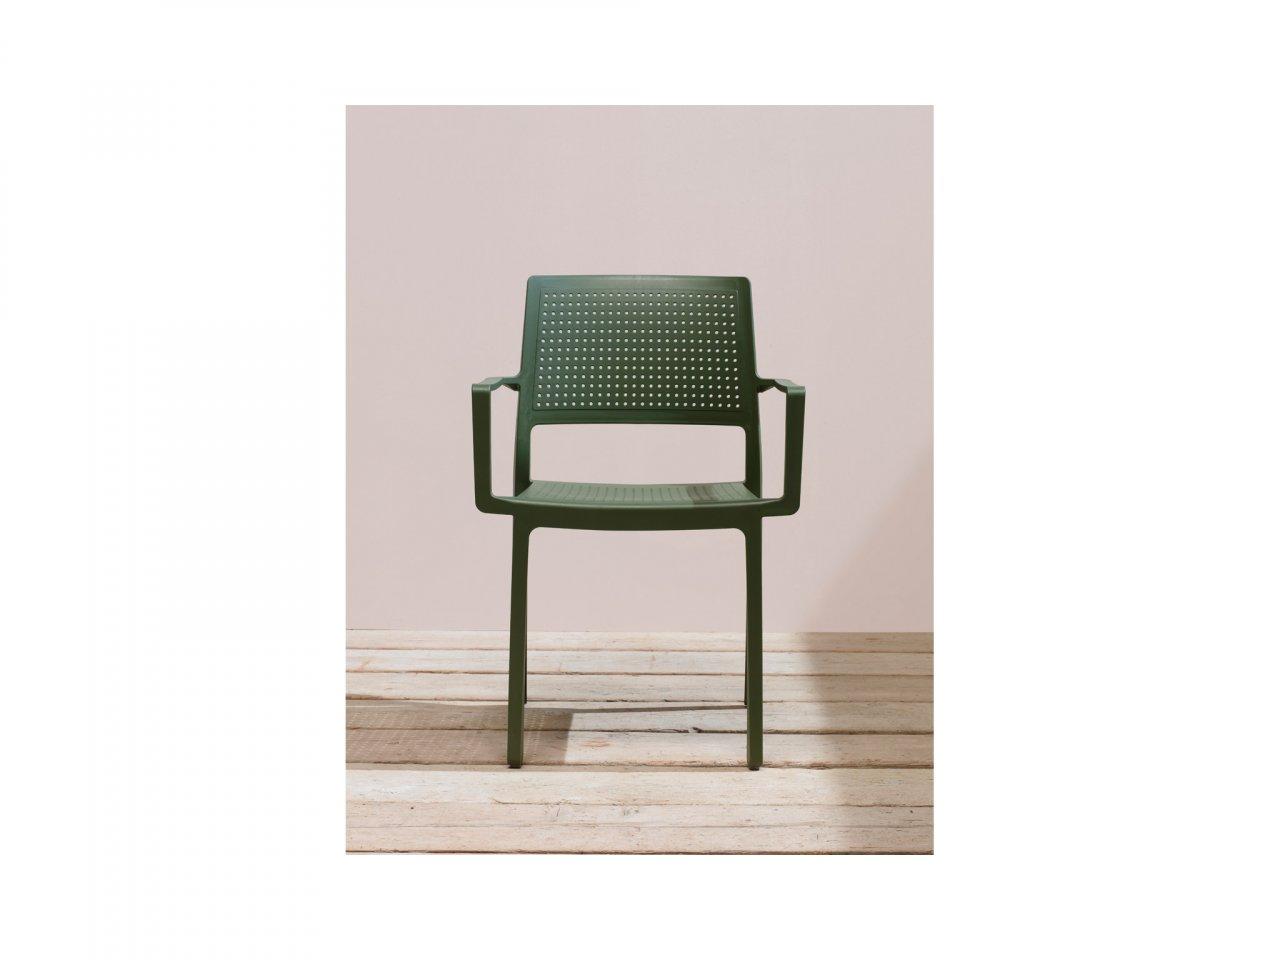 Sedia Con Braccioli Emi - v11